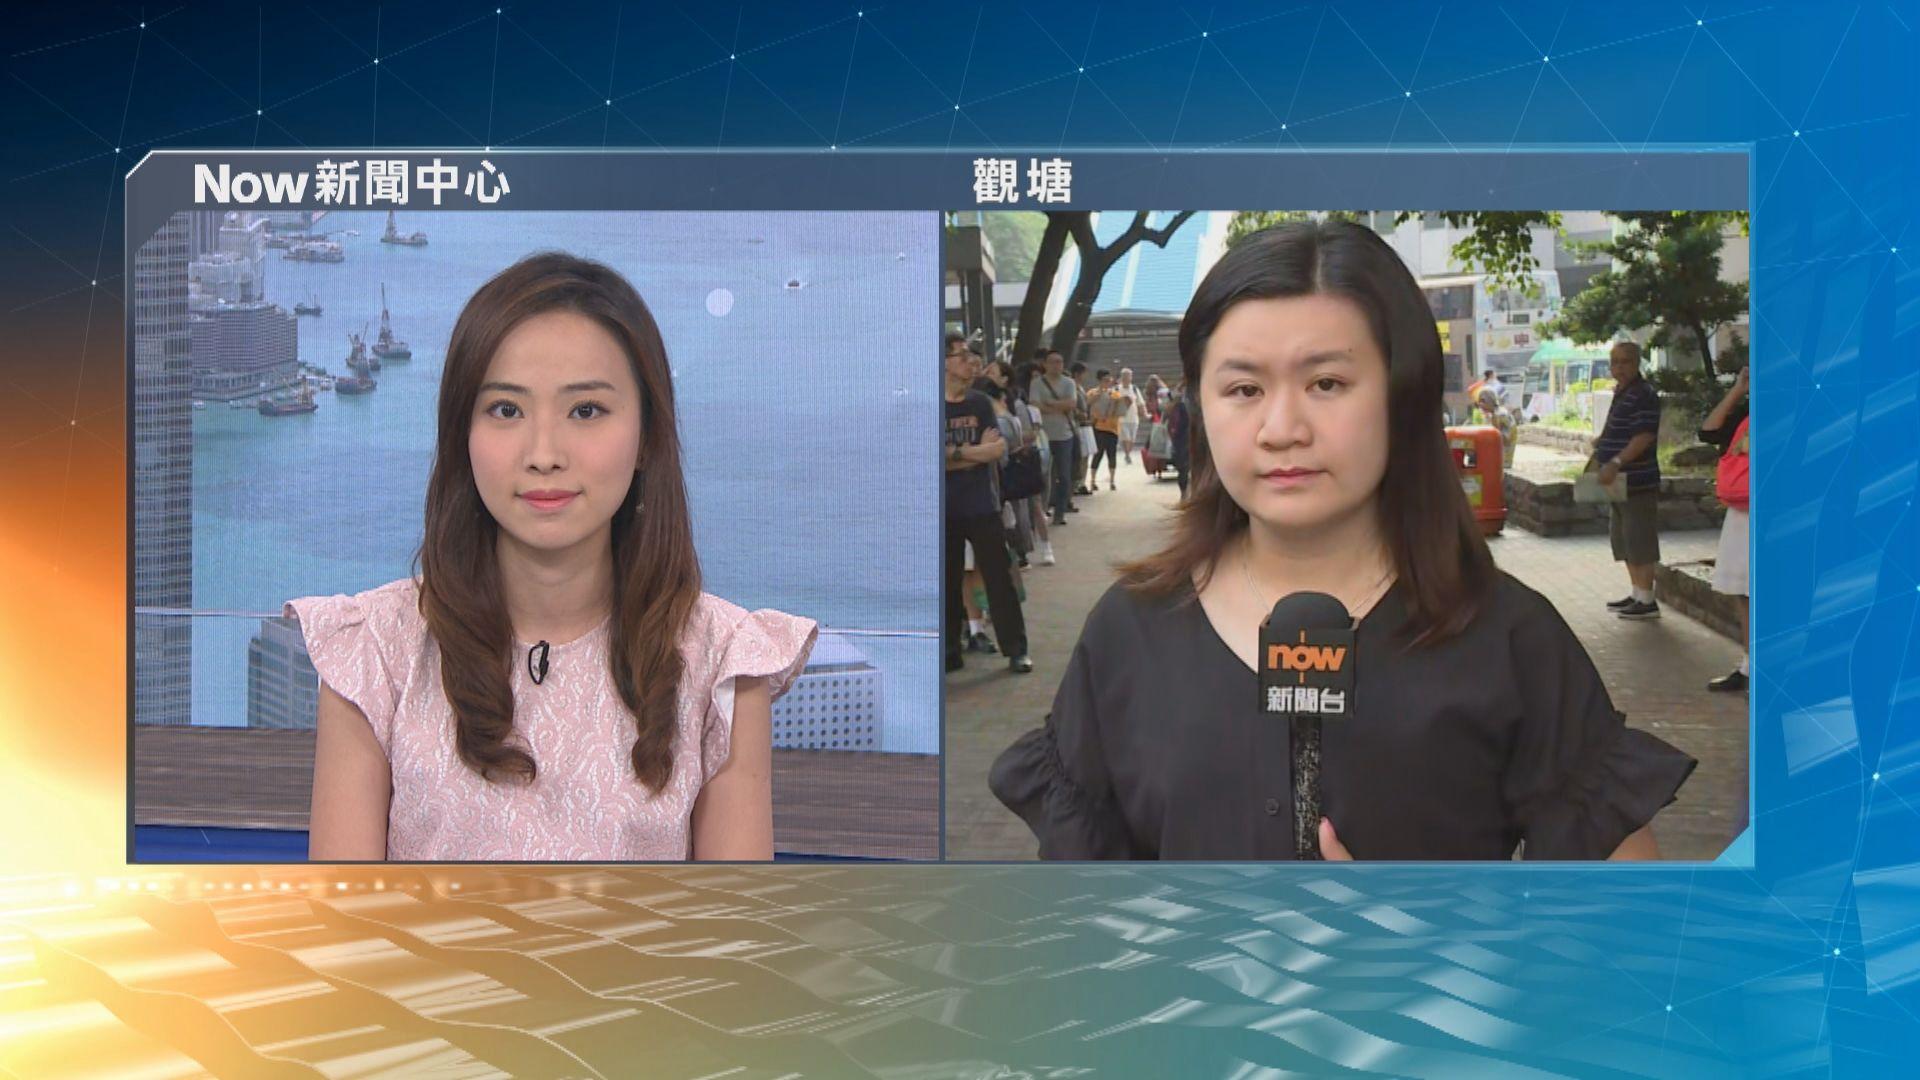 【現場報道】港鐵觀塘站外有大批市民候車